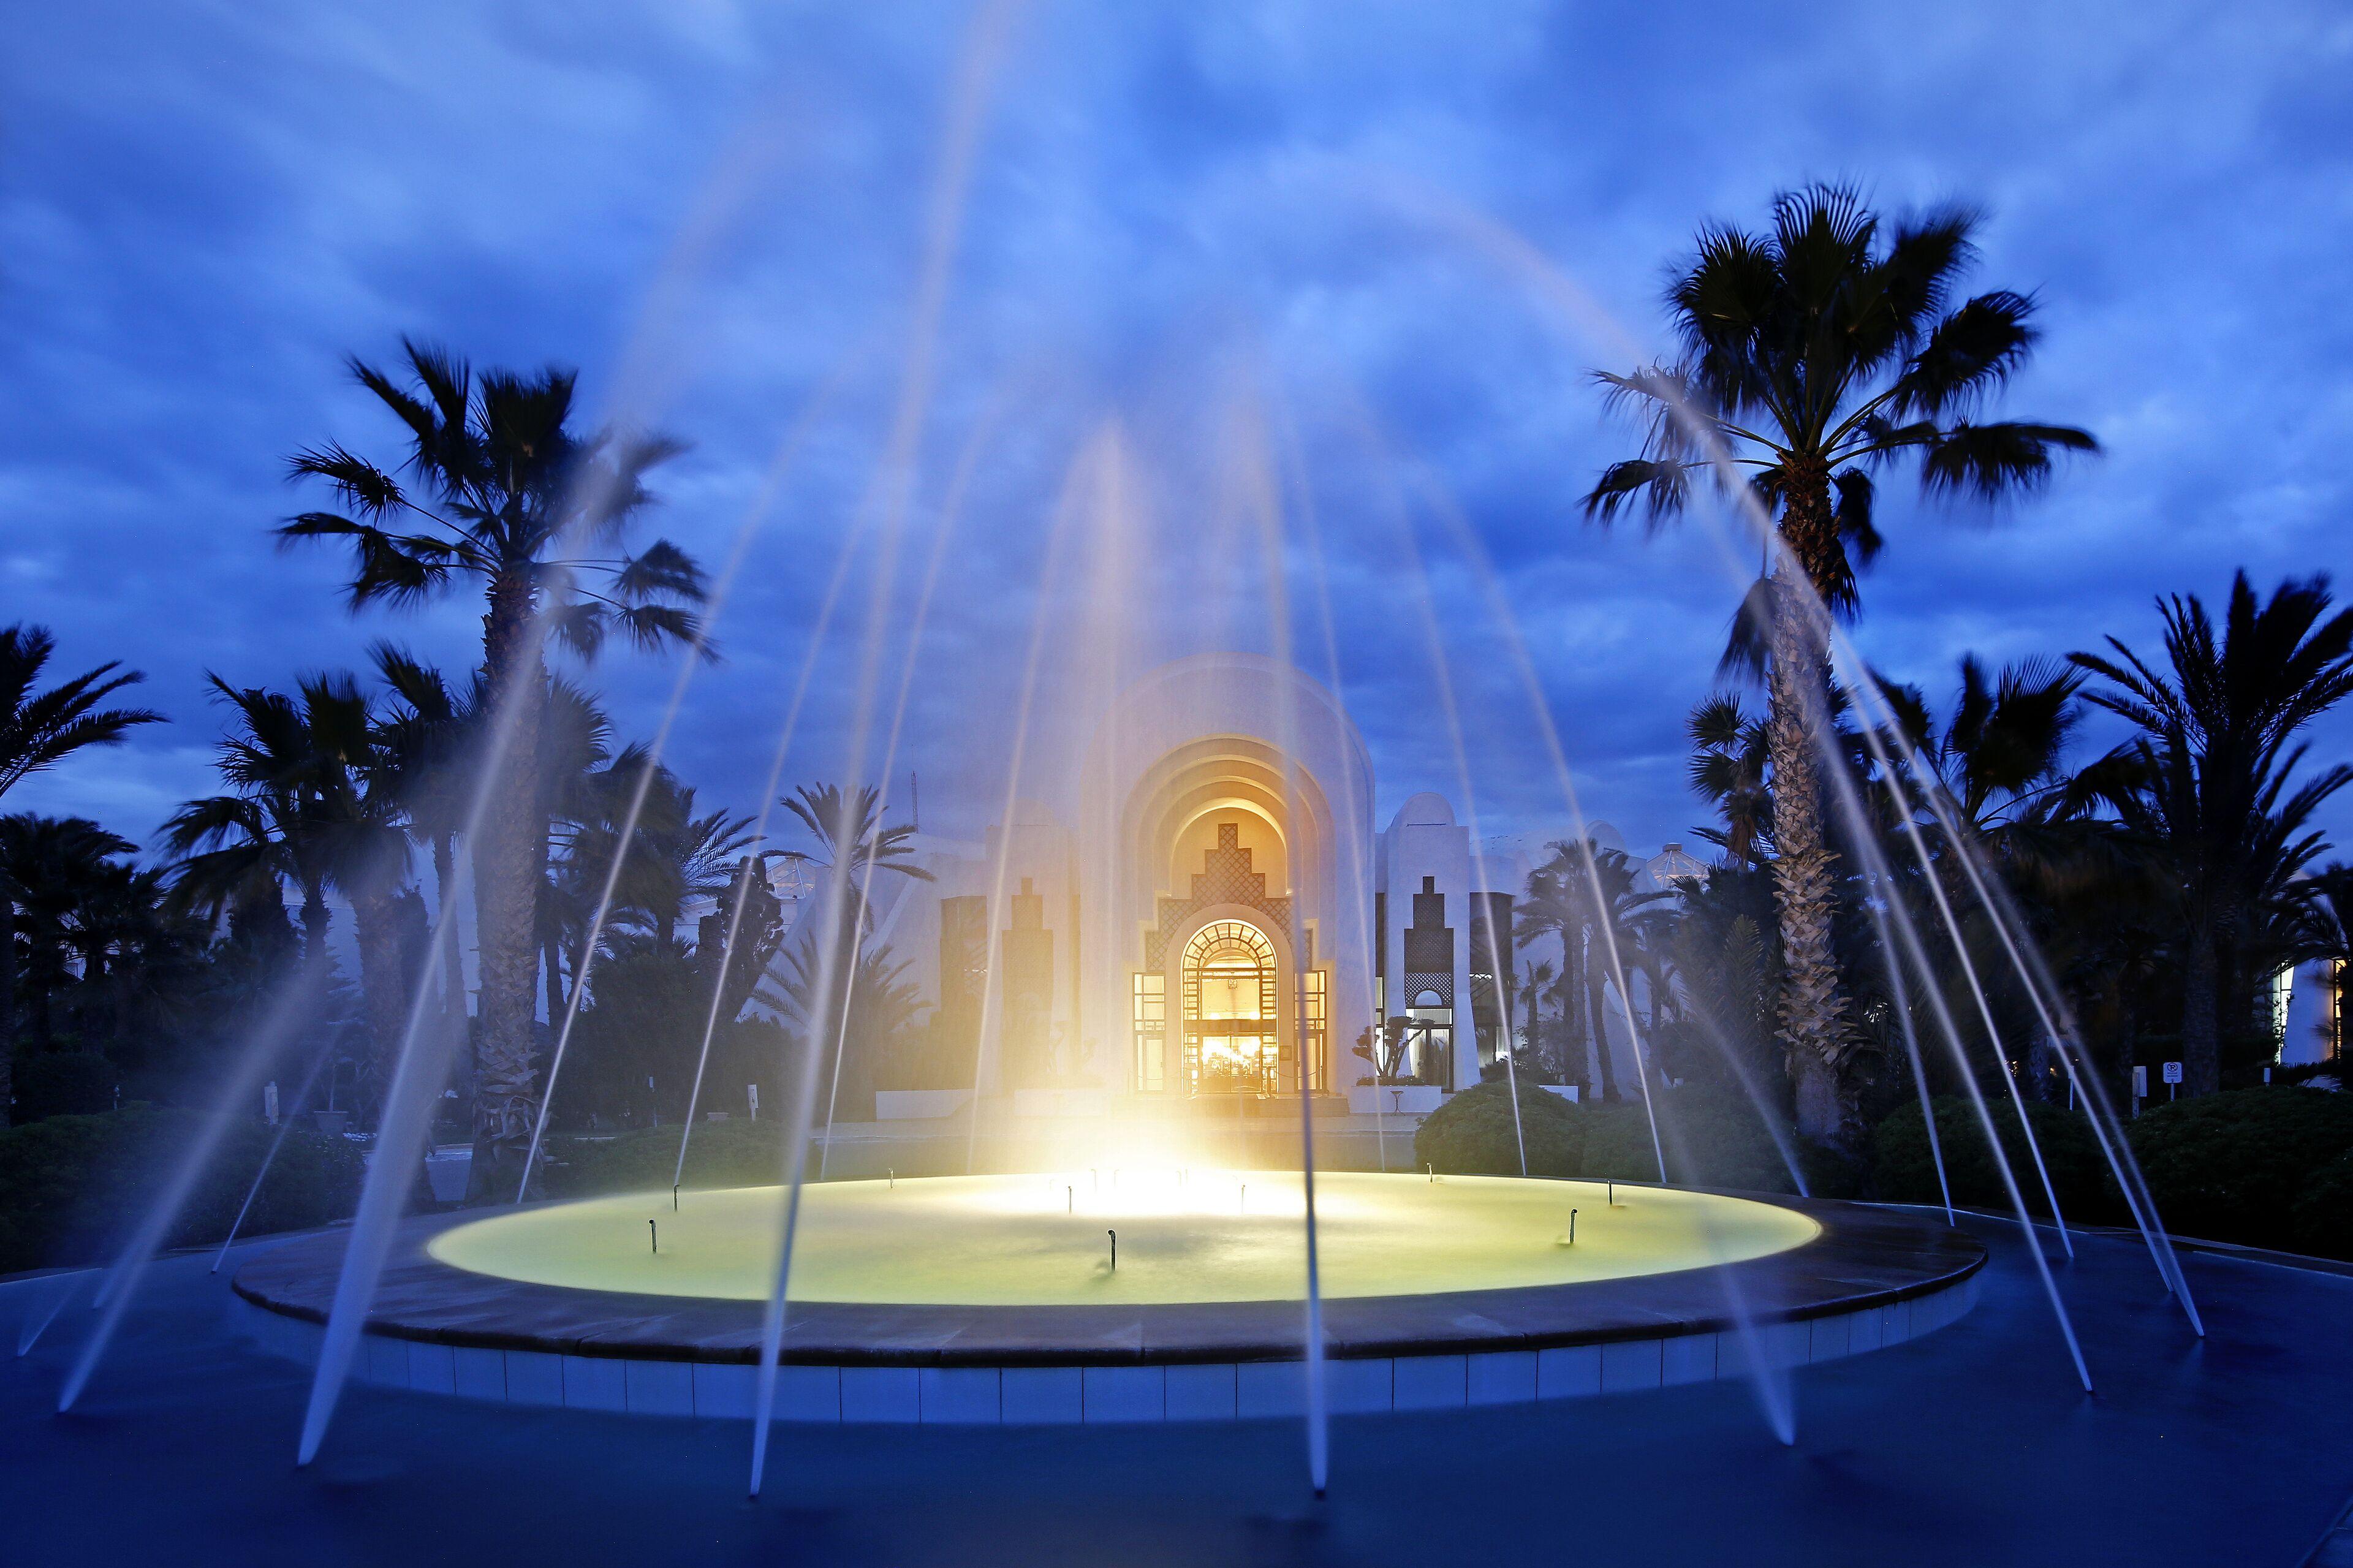 Radisson Blu Palace Resort And Thalasso